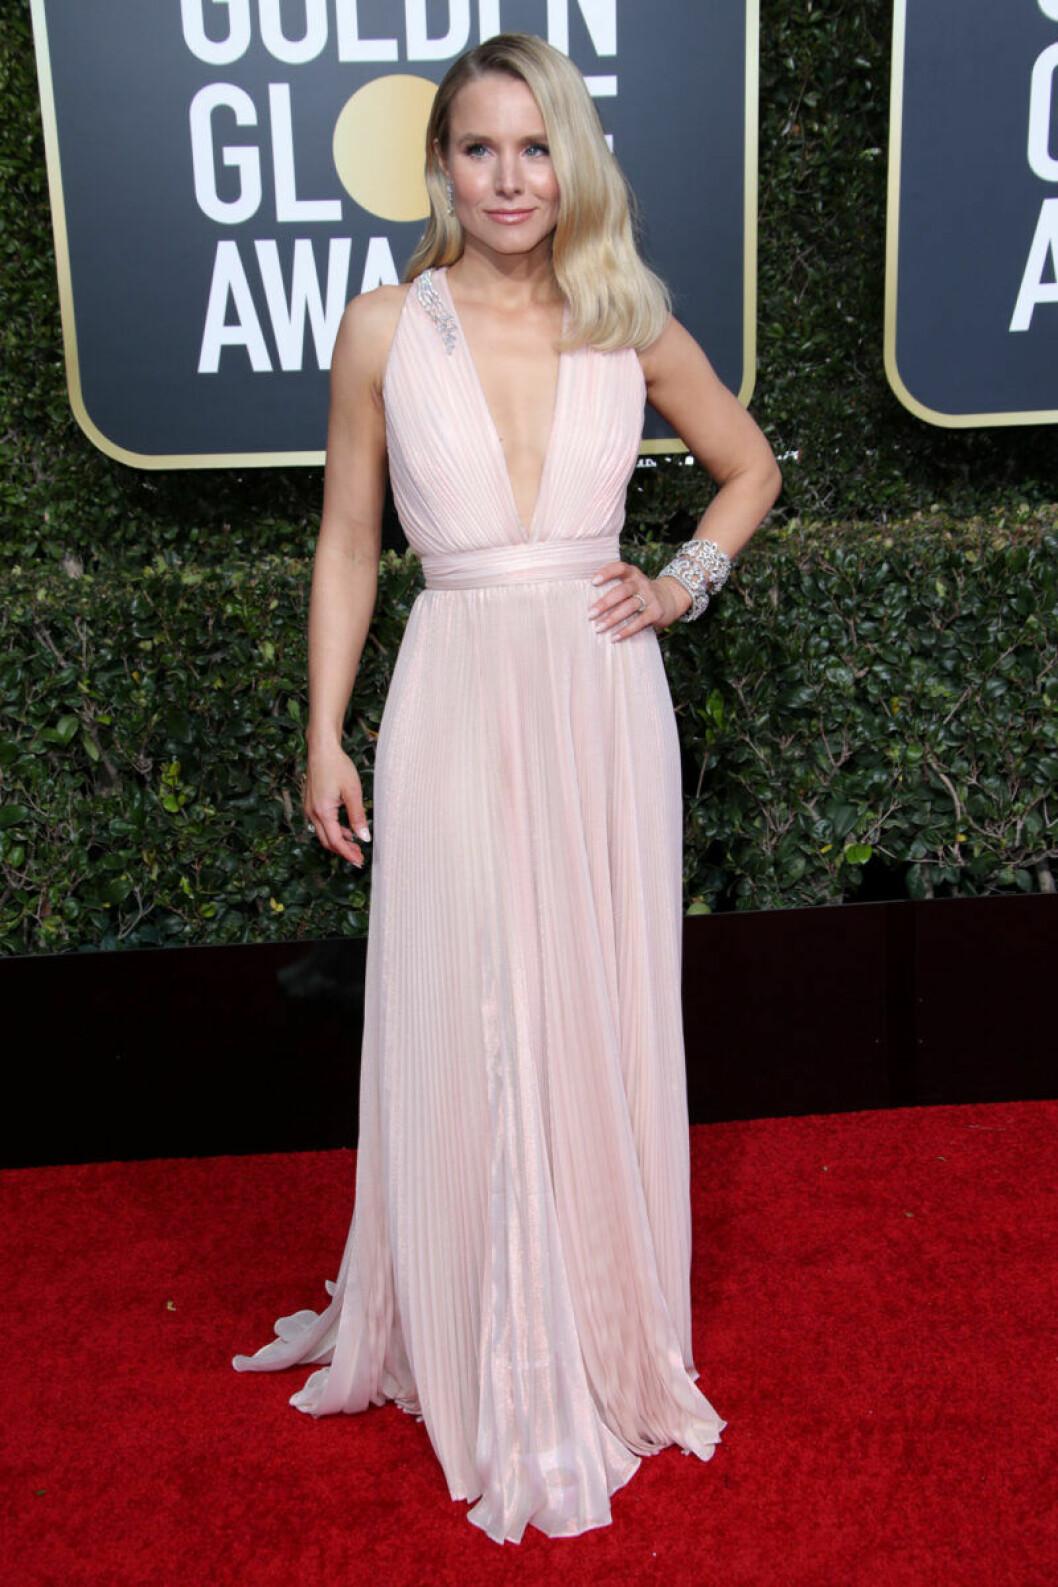 Kristen Bell Golden Globe 2019